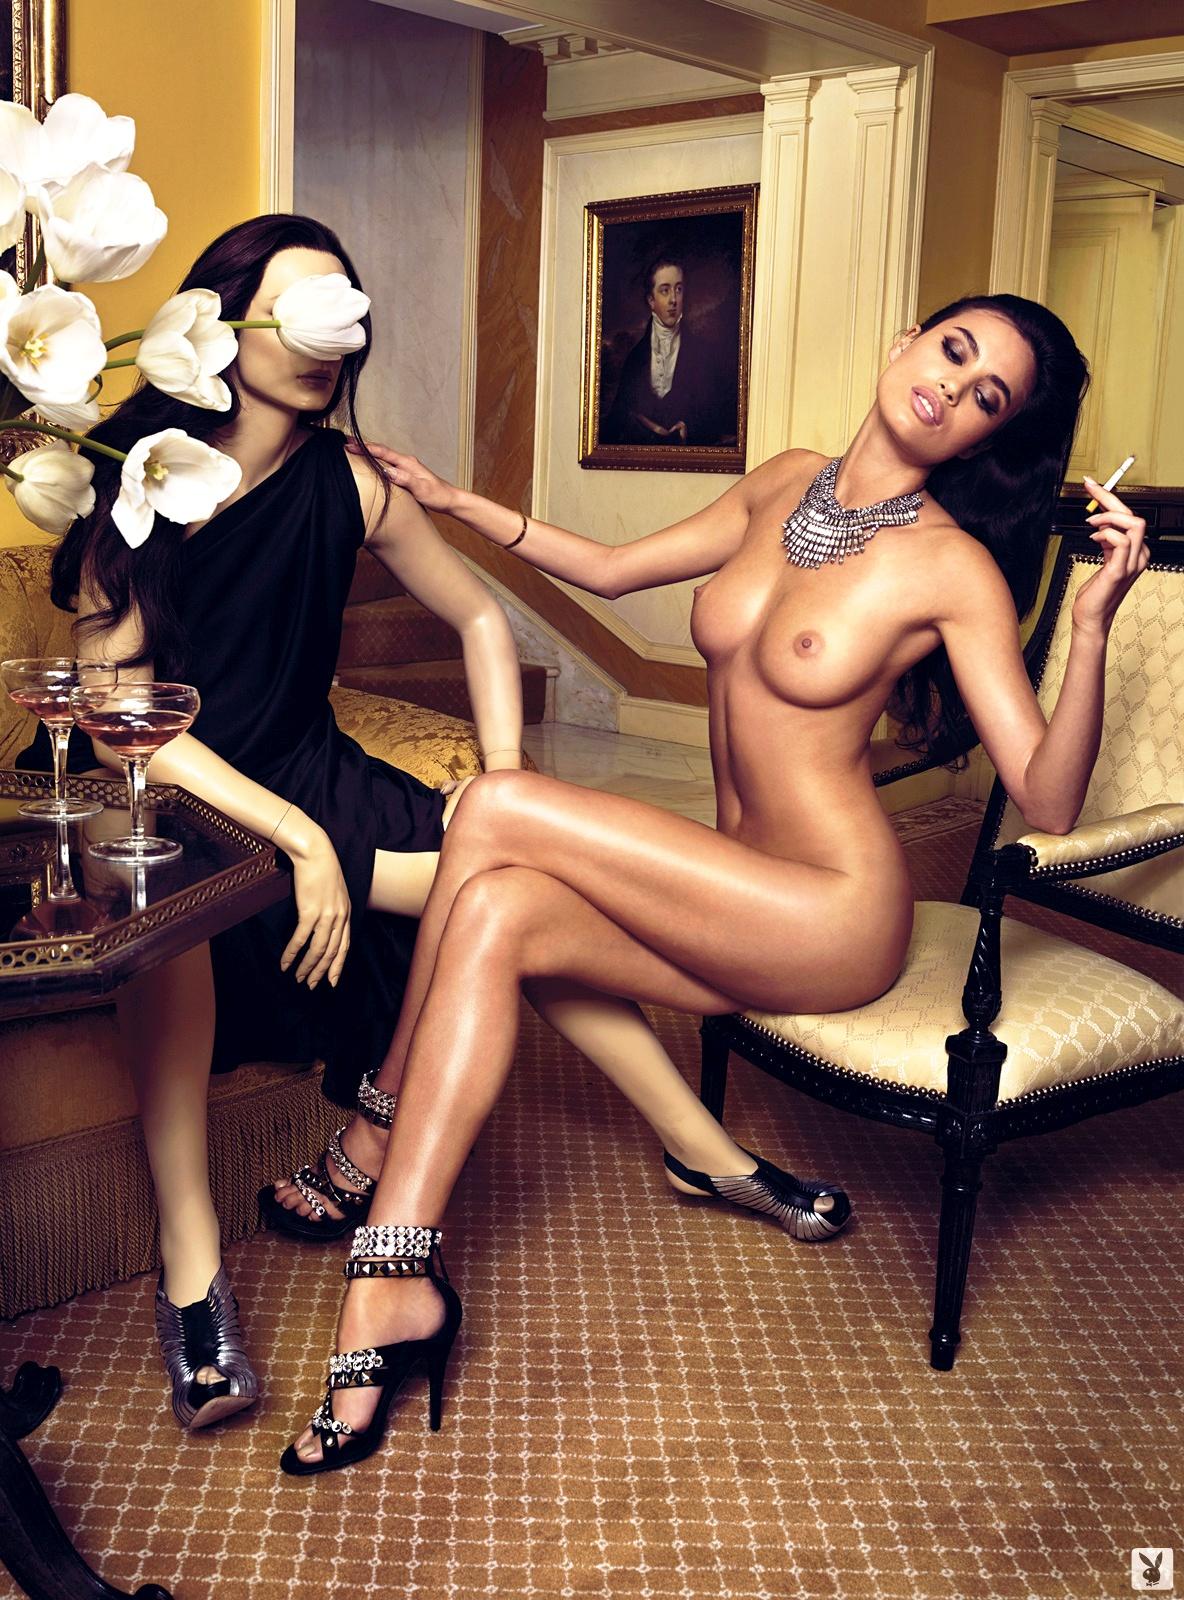 Секс фотографии бесплатно крутые фотографии 23 фотография